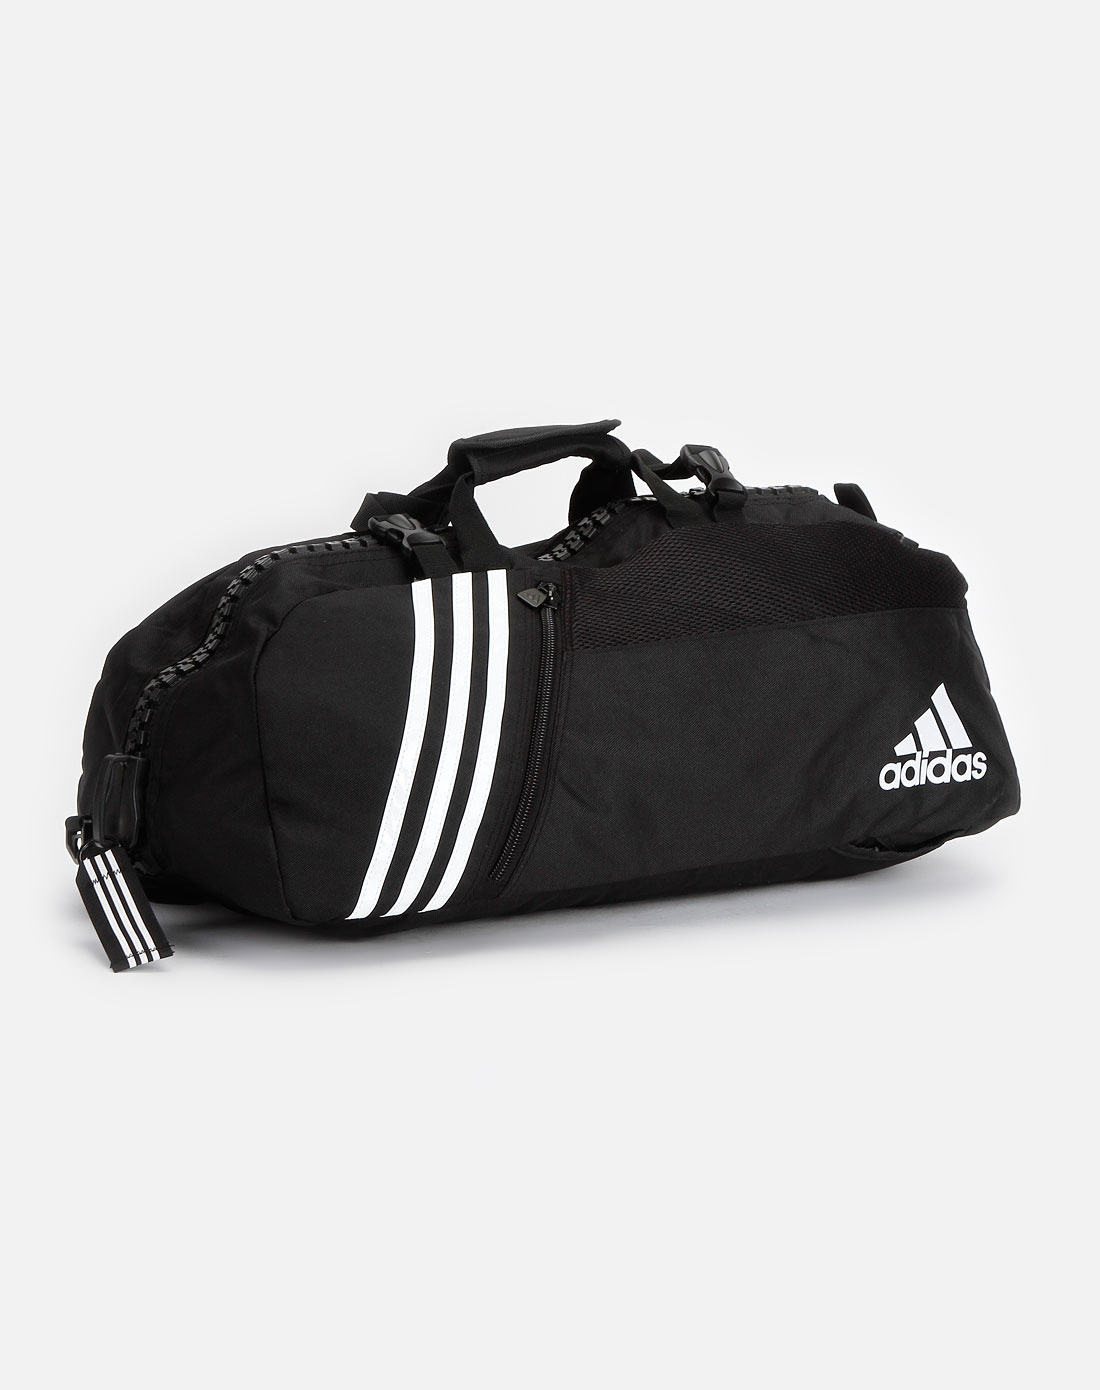 阿迪达斯adidas中性黑色时尚单肩背包acc050bg-comba